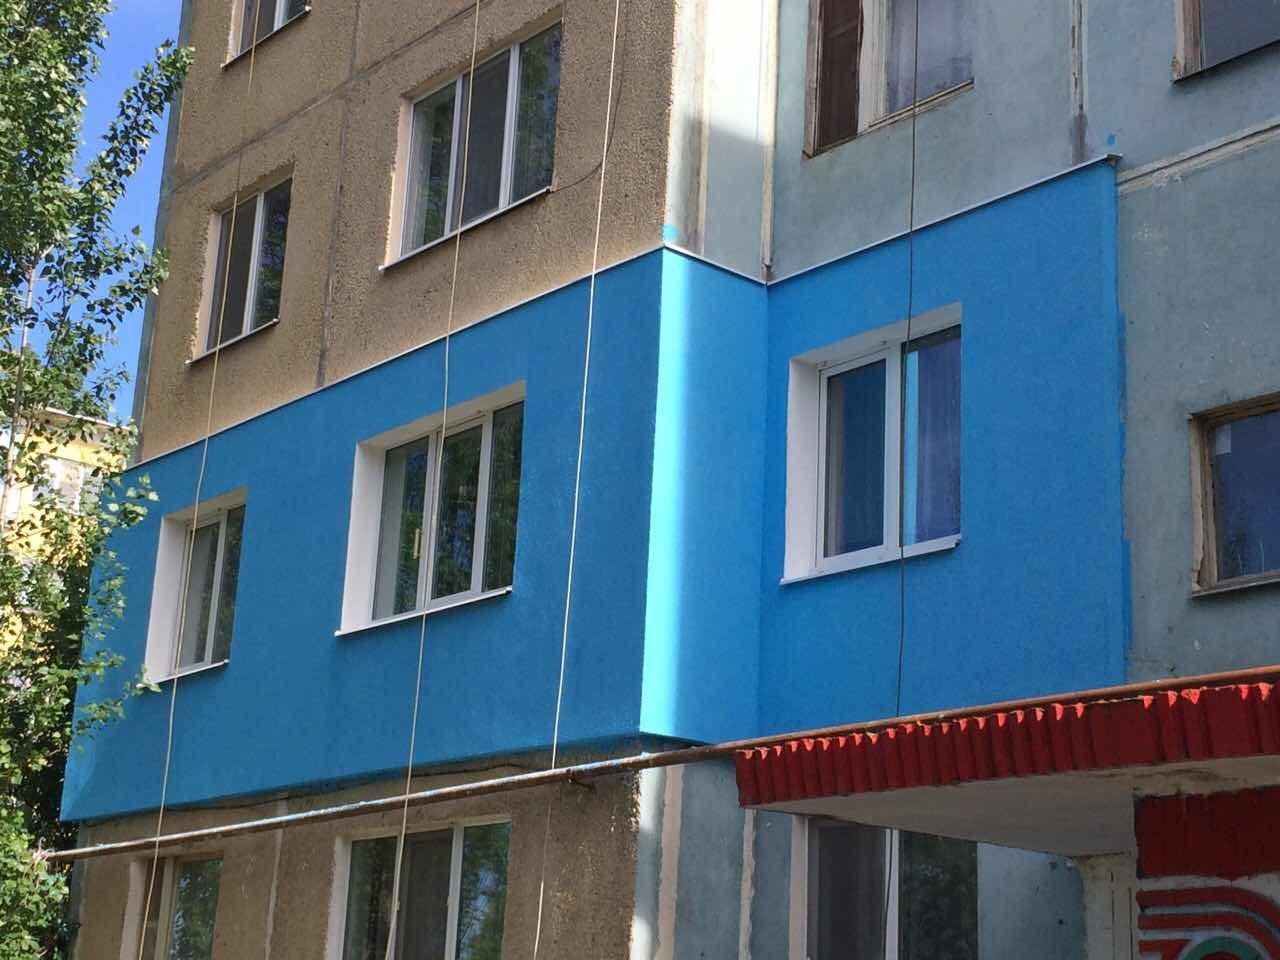 Утепление квартиры в частном порядкеУтепление квартиры в частном порядкес. Сторожевка, ул Компрессорная д.№1533м2,